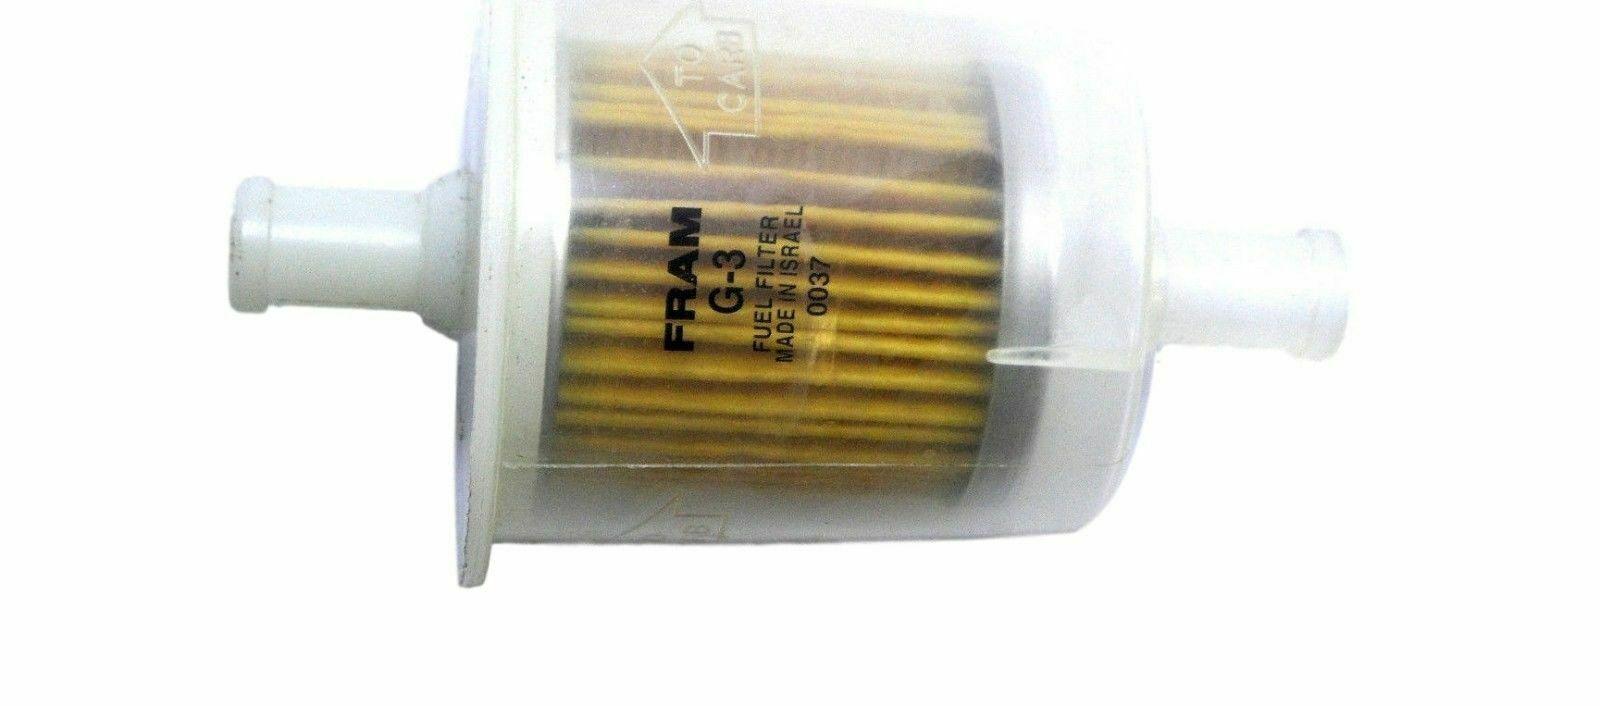 fram g3 g 3 fuel filter brand new fuel filters. Black Bedroom Furniture Sets. Home Design Ideas